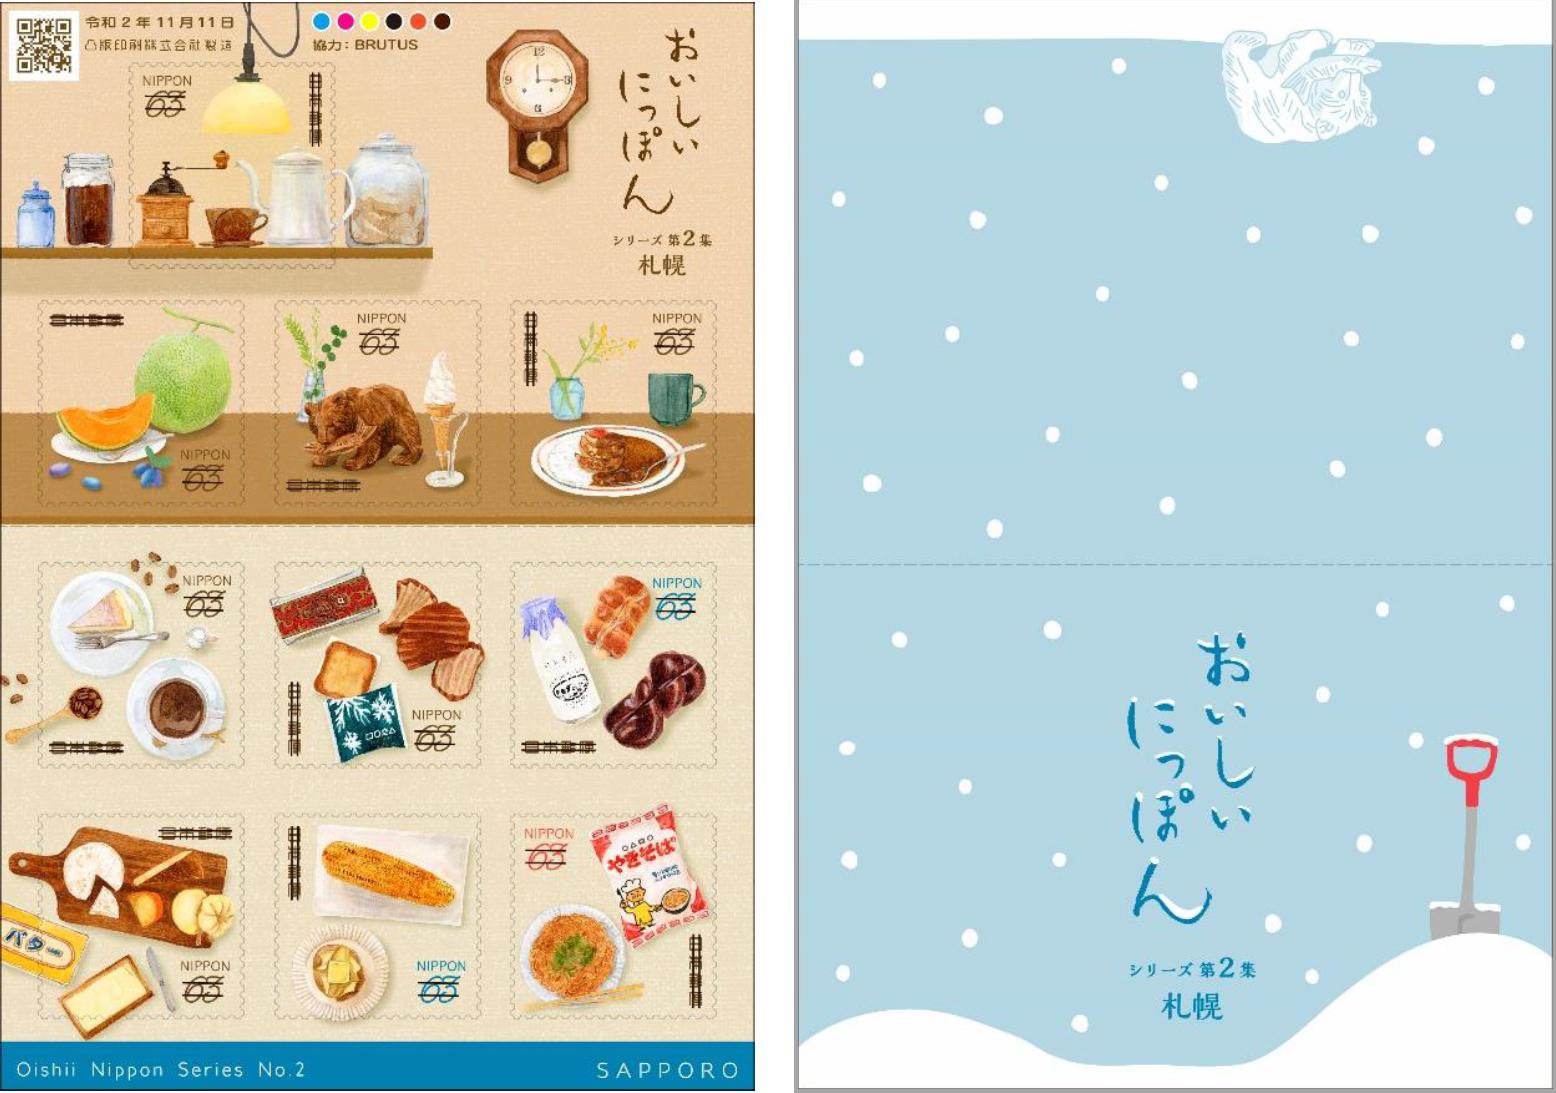 白い恋人・ちくわパン・ザンギなど札幌の食が特殊切手になって新登場